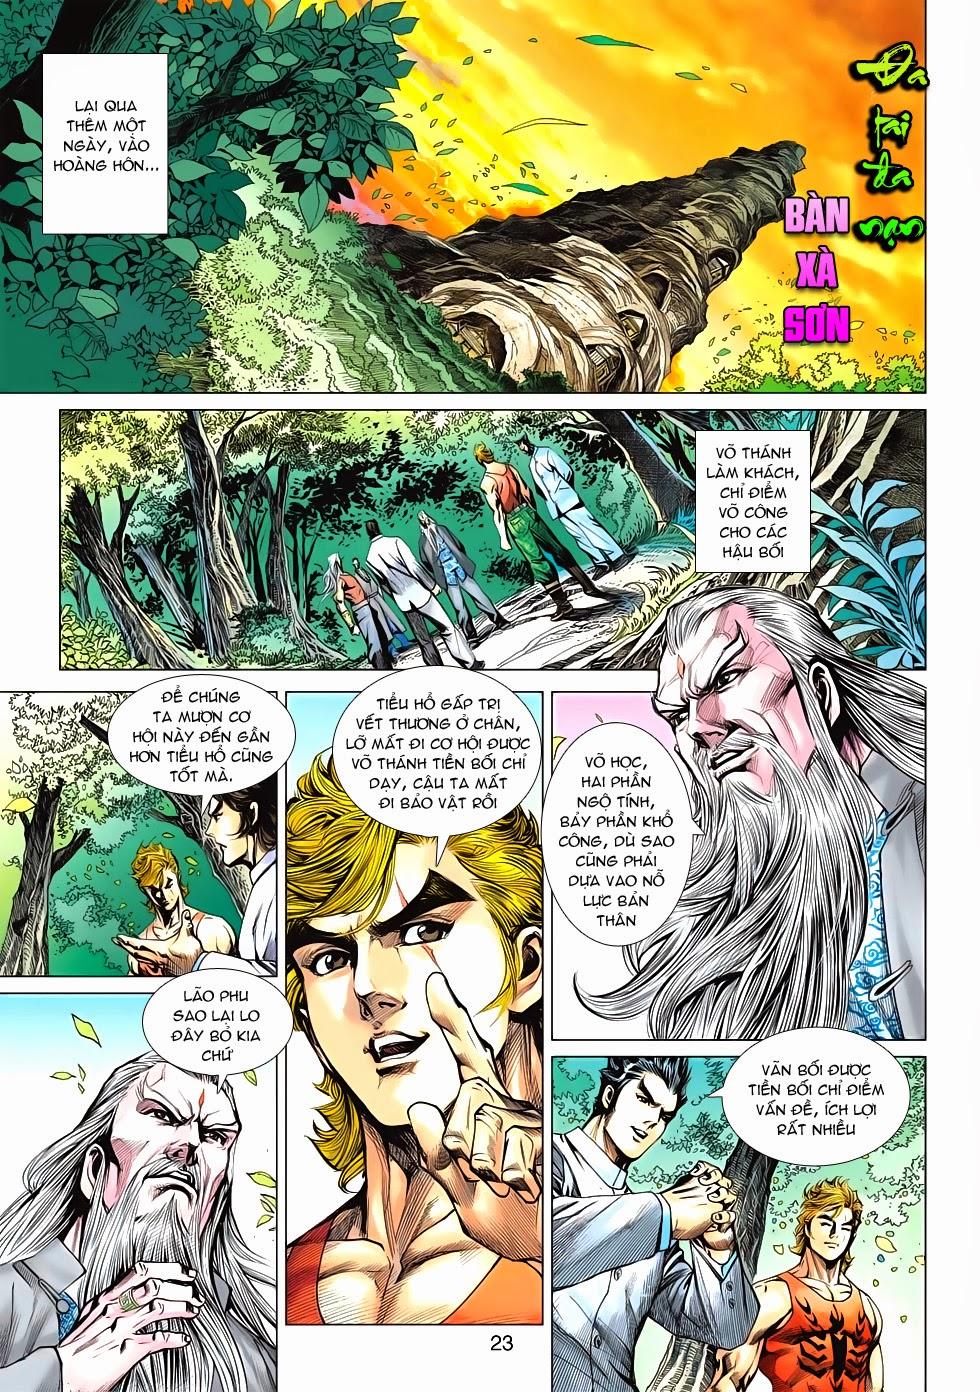 Tân Tác Long Hổ Môn chap 595 - Trang 23